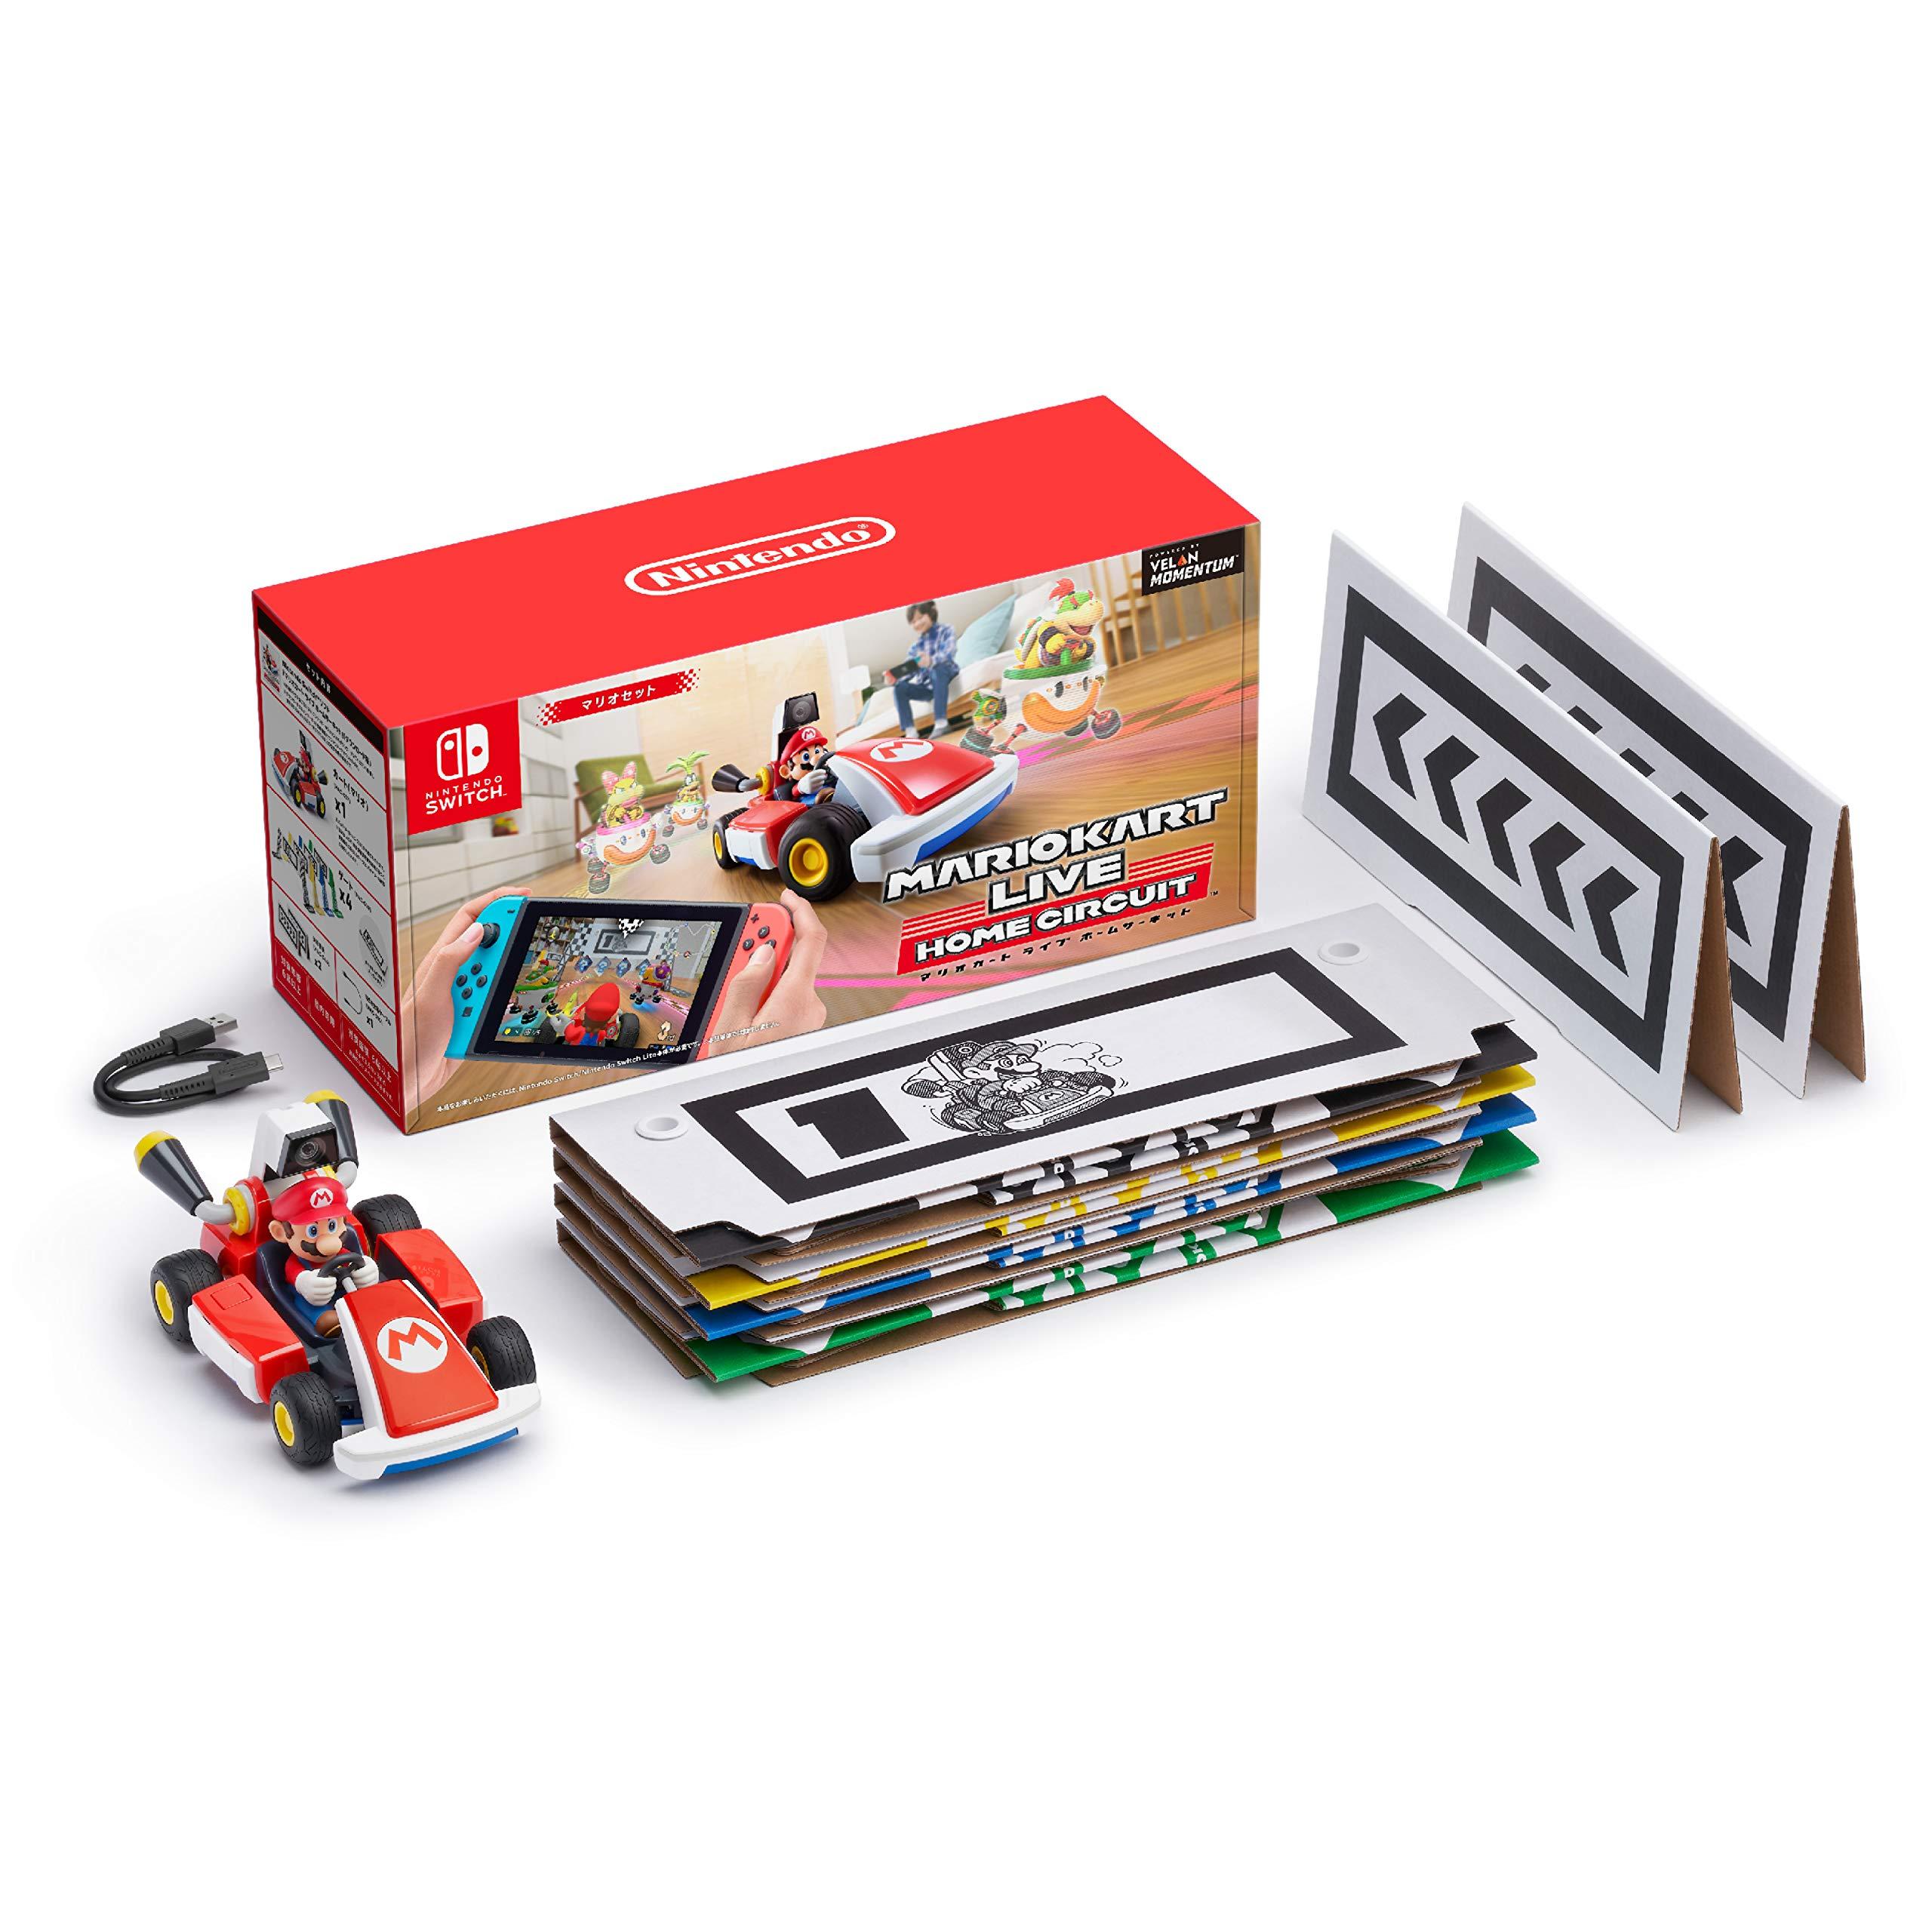 『マリオカート ライブ ホームサーキット』『Nintendo Switch あつまれ どうぶつの森セット』の抽選販売【Nintendo TOKYO】